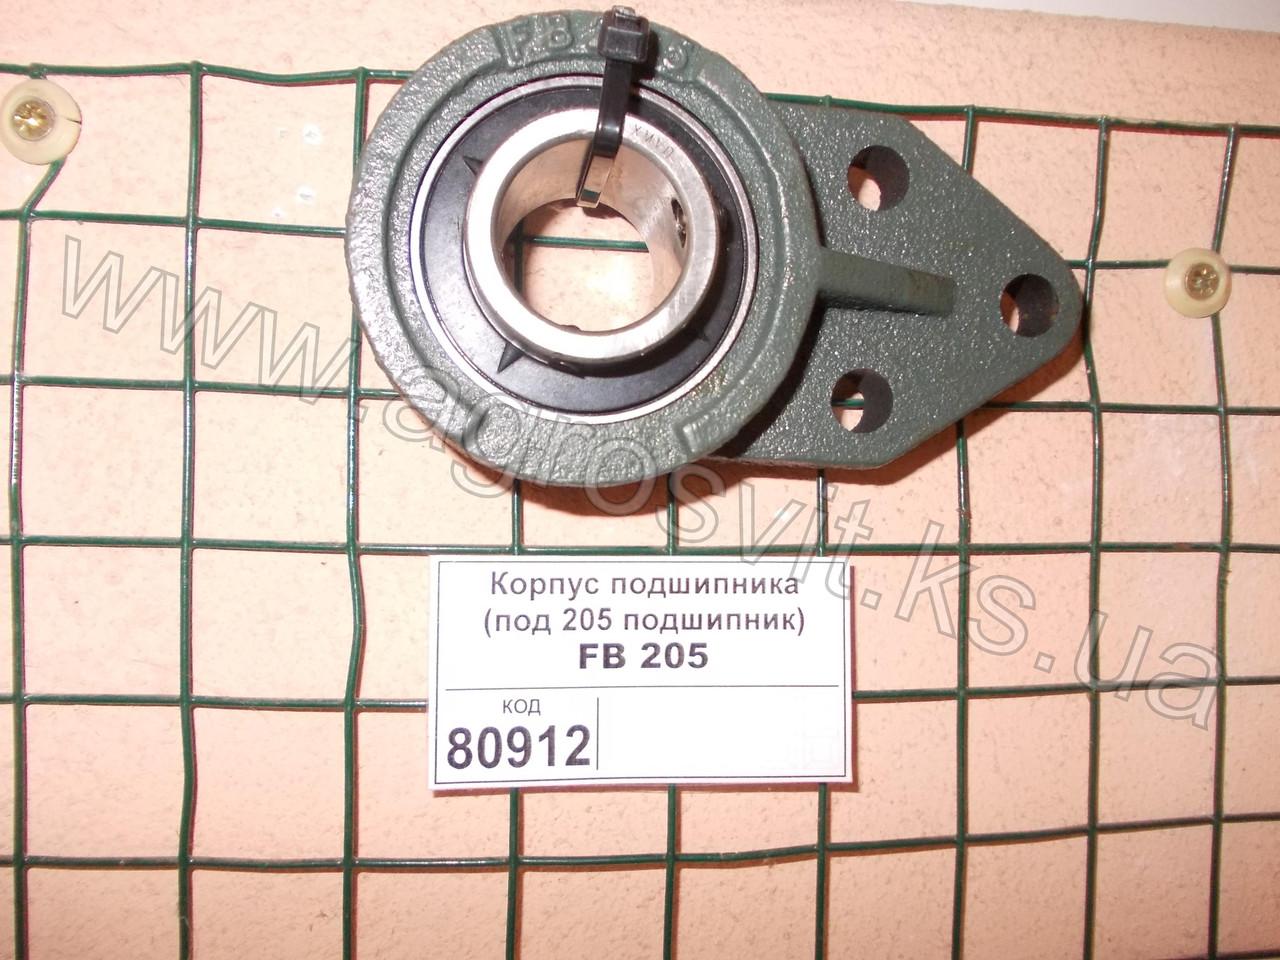 205 (FB 205) корпус подшипника